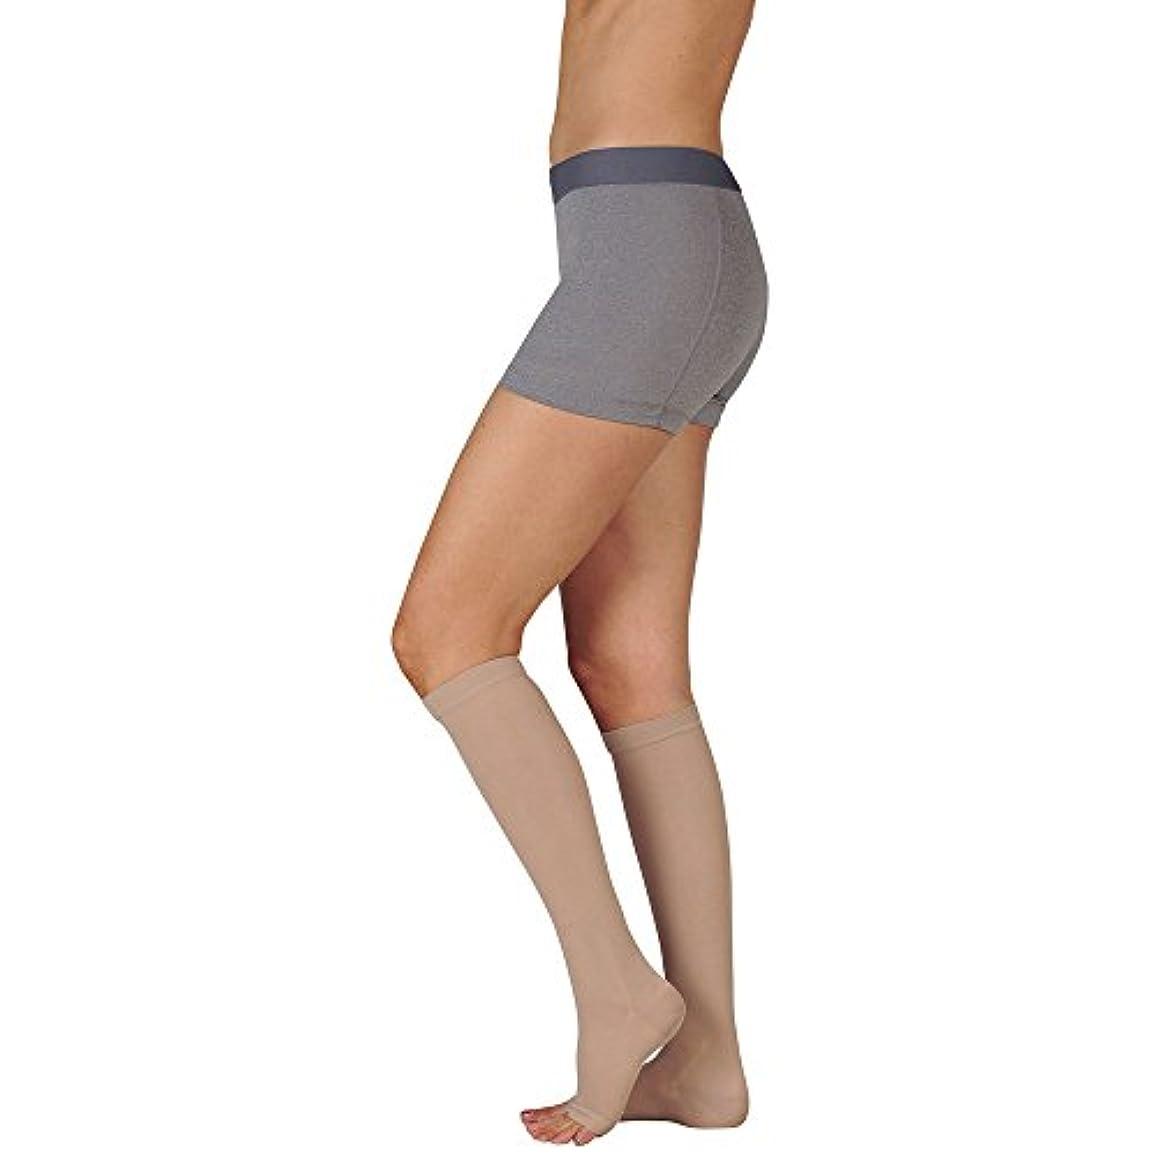 中性干し草真面目なJuzo Basic Knee High Short Open Toe 20-30mmHg, III, beige by Juzo